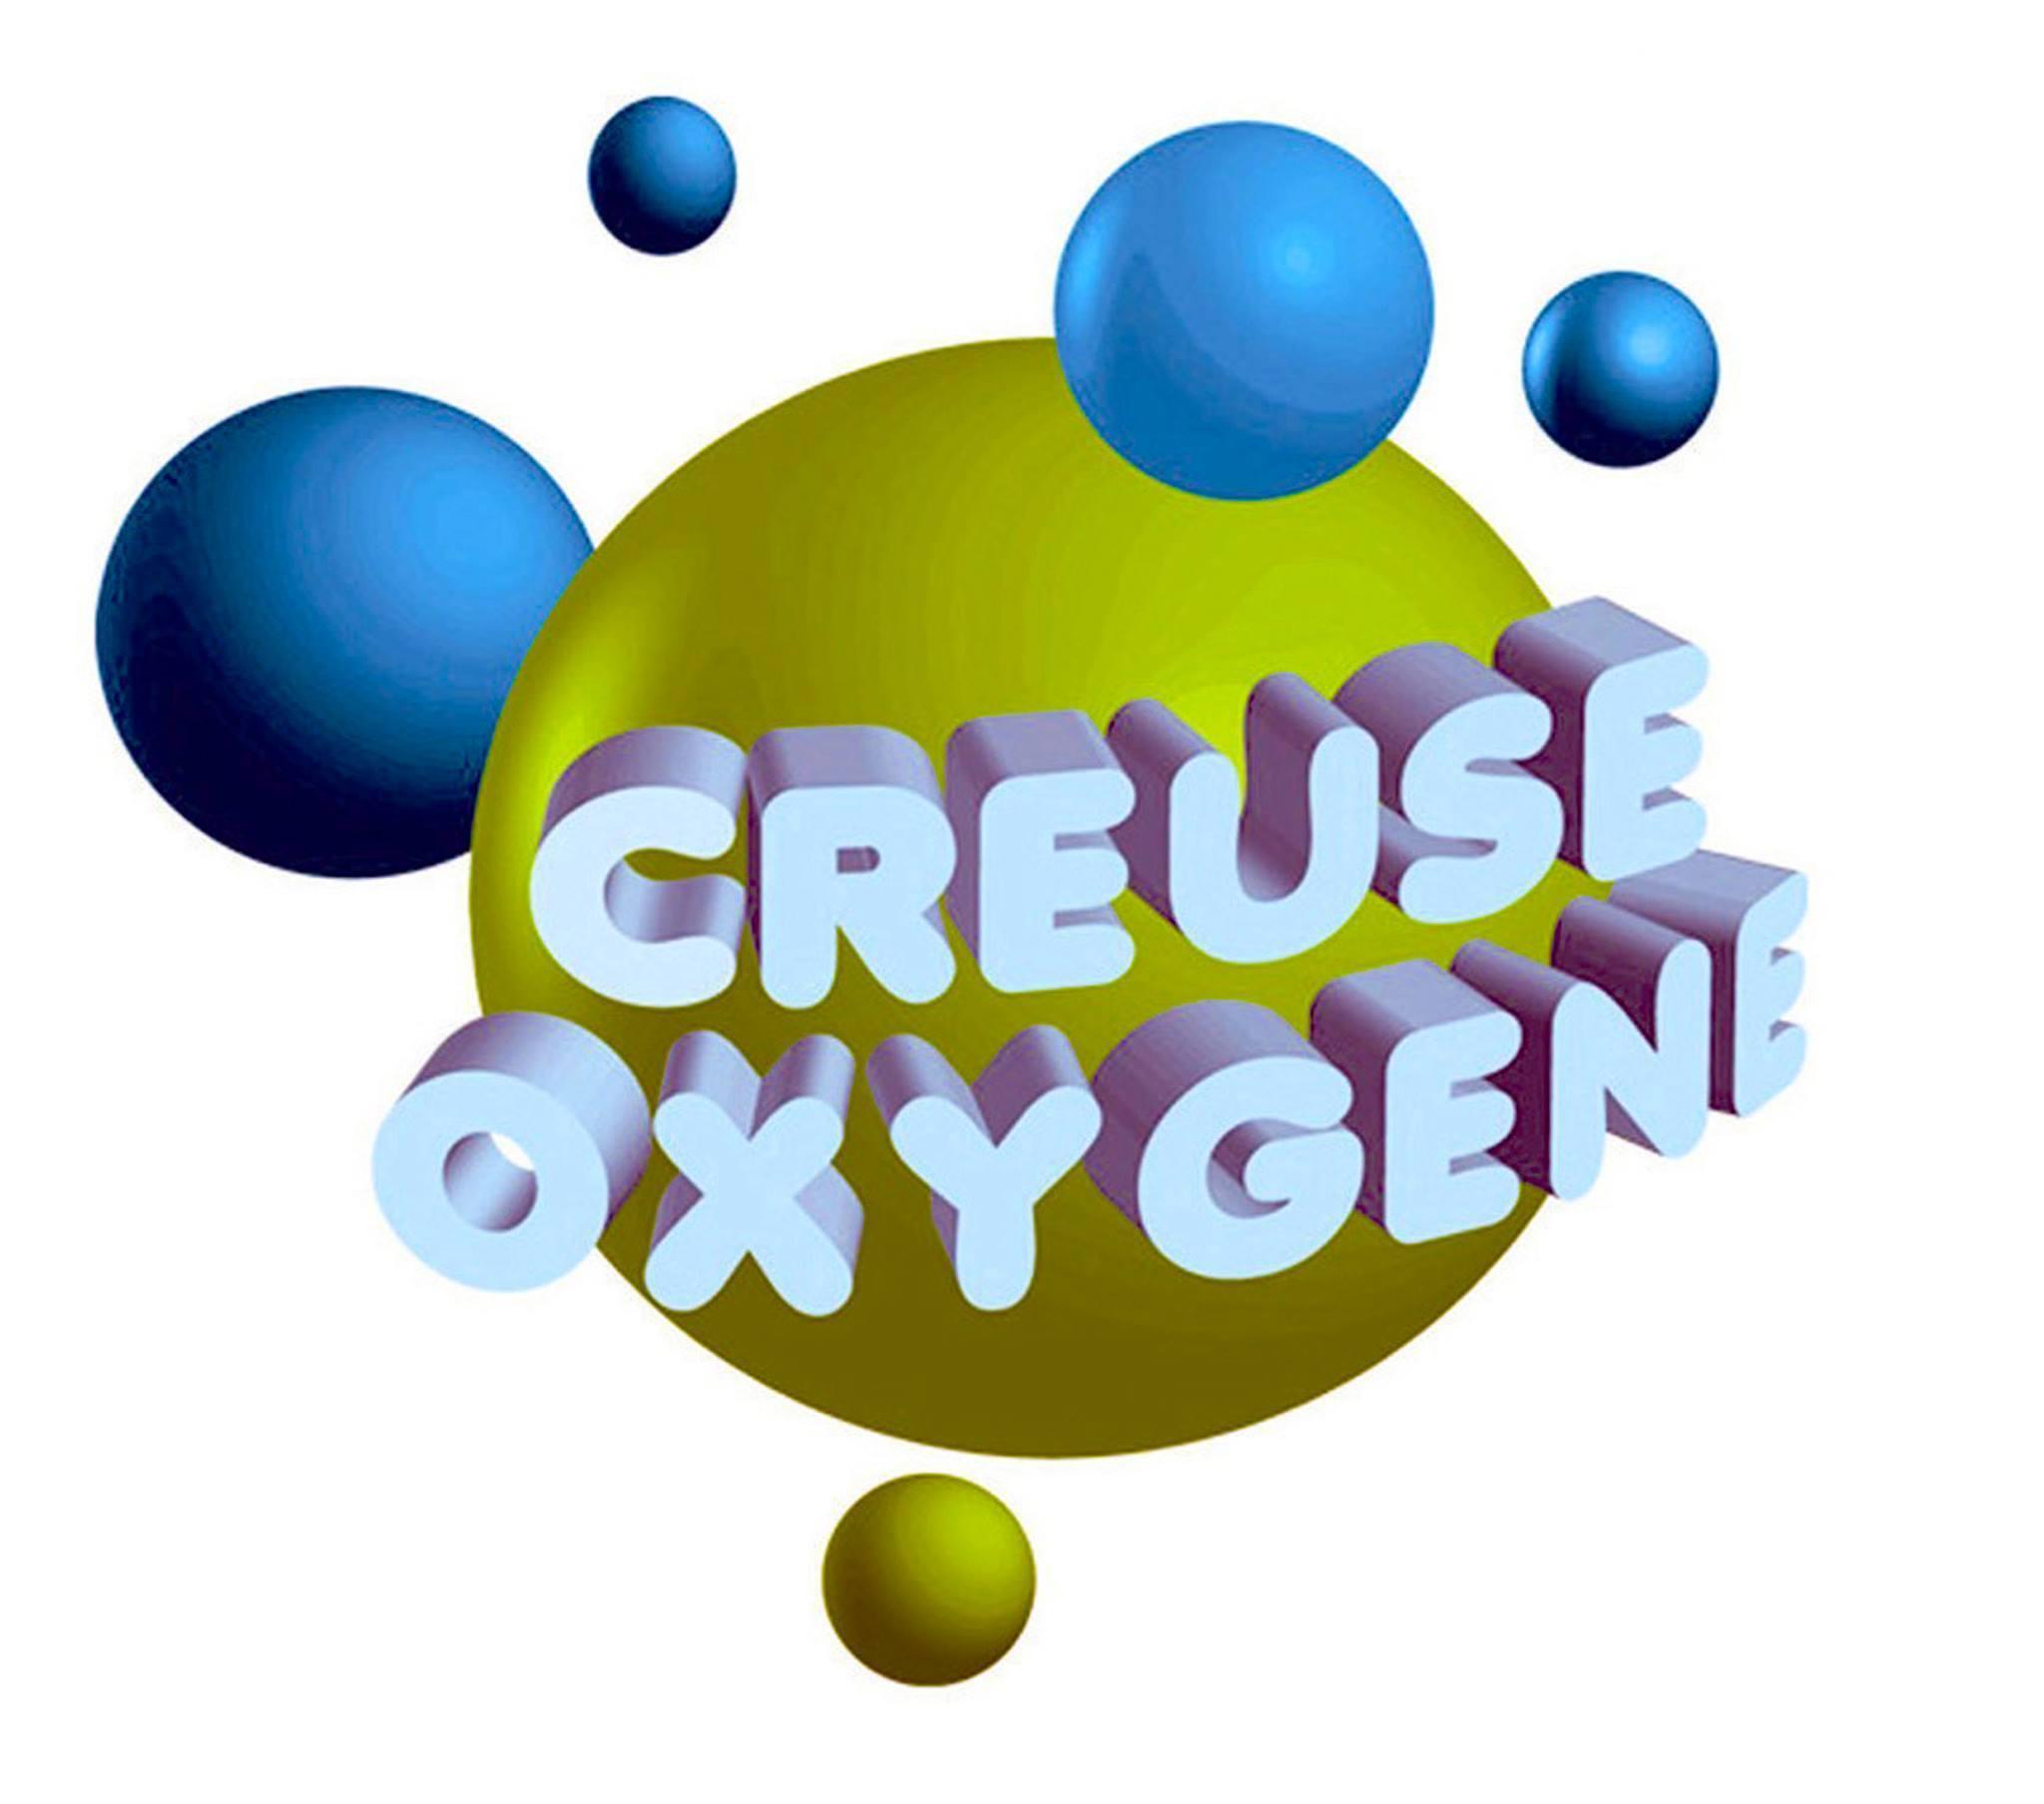 Logo CREUSE OXYGENE